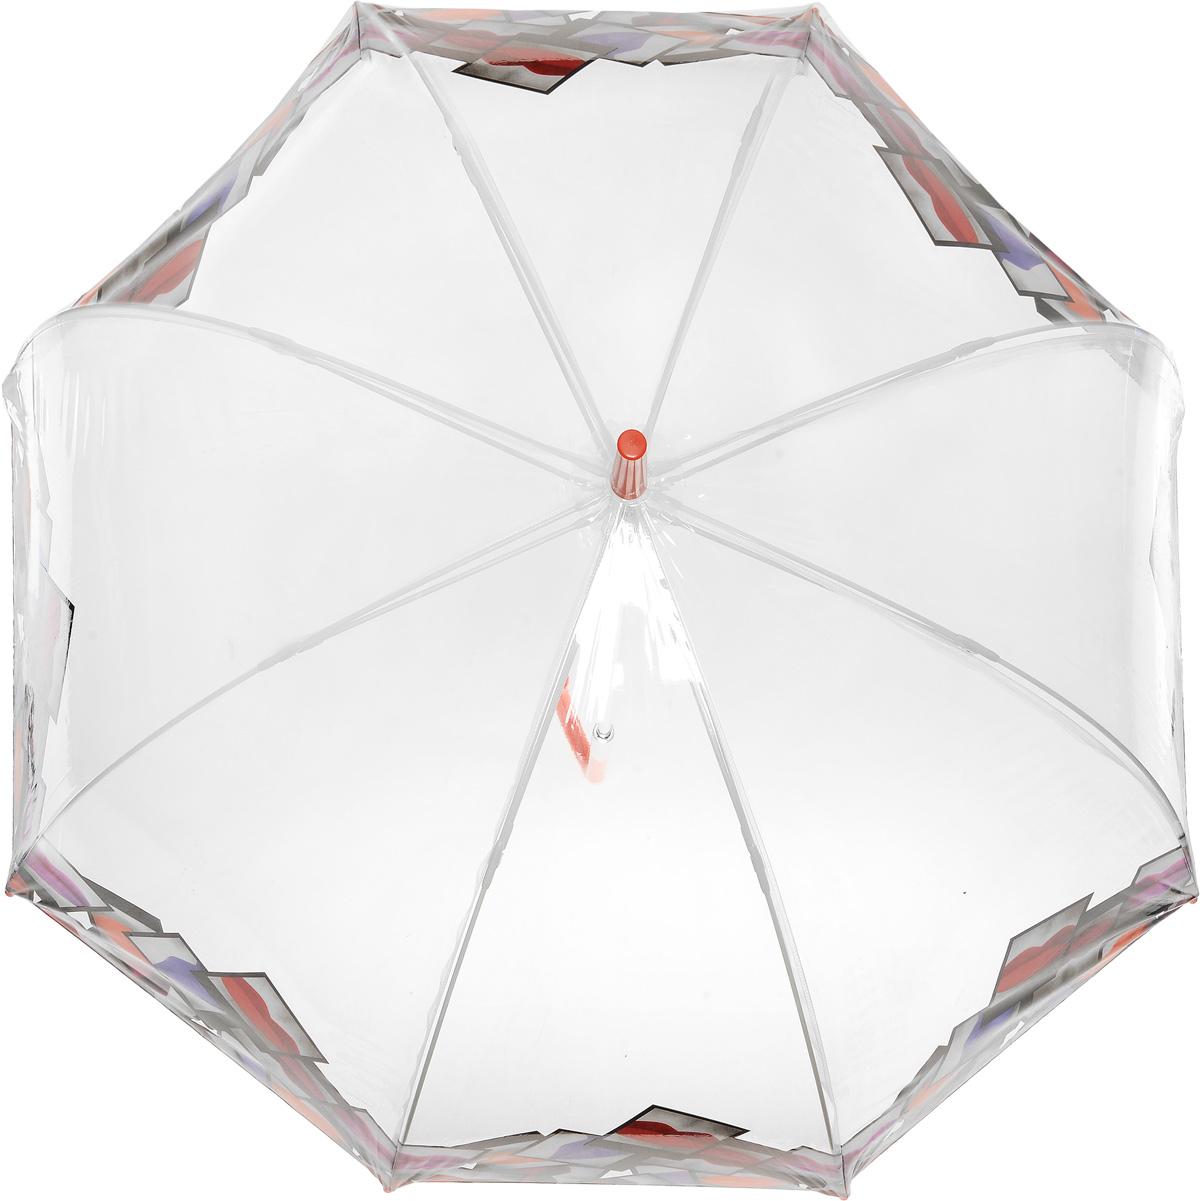 Зонт-трость женский Lulu Guinness Birdcage, механический, цвет: прозрачный. L719-3079П250071001-22Необычный механический зонт-трость Lulu Guinness Birdcage даже в ненастную погоду позволит вам оставаться модной и элегантной. Каркас зонта включает 8 спиц из фибергласса с пластиковыми наконечниками. Стержень изготовлен из стали. Купол зонта выполнен из высококачественного прозрачного ПВХ и оформлен по краю оригинальным принтом. Изделие дополнено удобной пластиковой рукояткой с металлическим элементом.Зонт механического сложения: купол открывается и закрывается вручную до характерного щелчка. Модель дополнительно застегивается с помощью хлястика на кнопку.Такой зонт не только надежно защитит вас от дождя, но и станет стильным аксессуаром, который идеально подчеркнет ваш неповторимый образ.